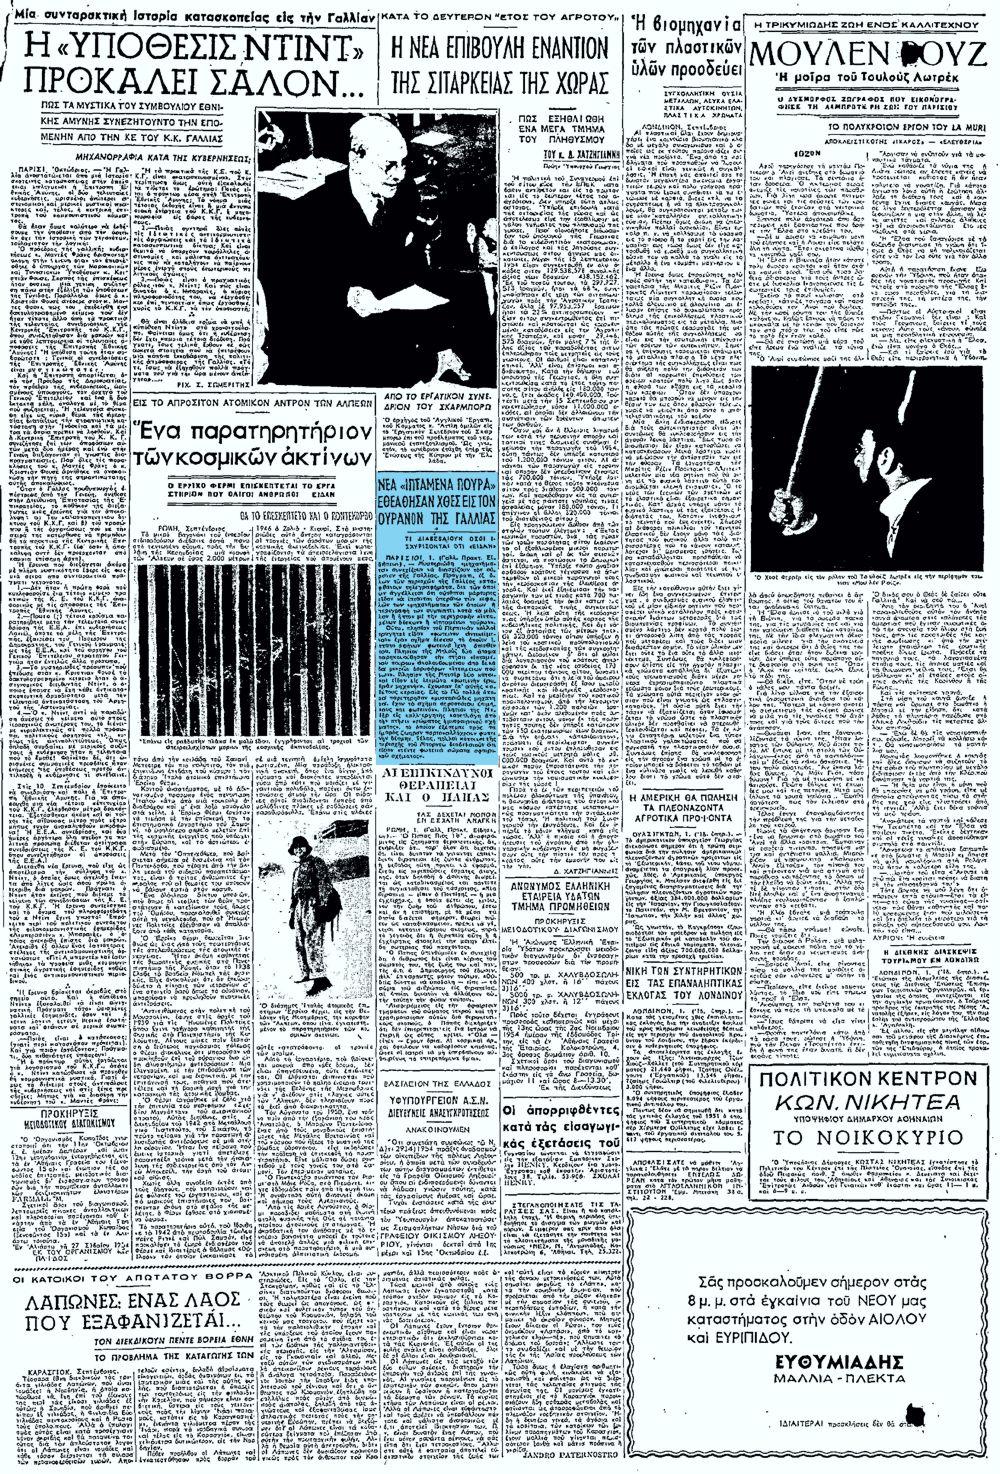 """Το άρθρο, όπως δημοσιεύθηκε στην εφημερίδα """"ΕΛΕΥΘΕΡΙΑ"""", στις 02/10/1954"""